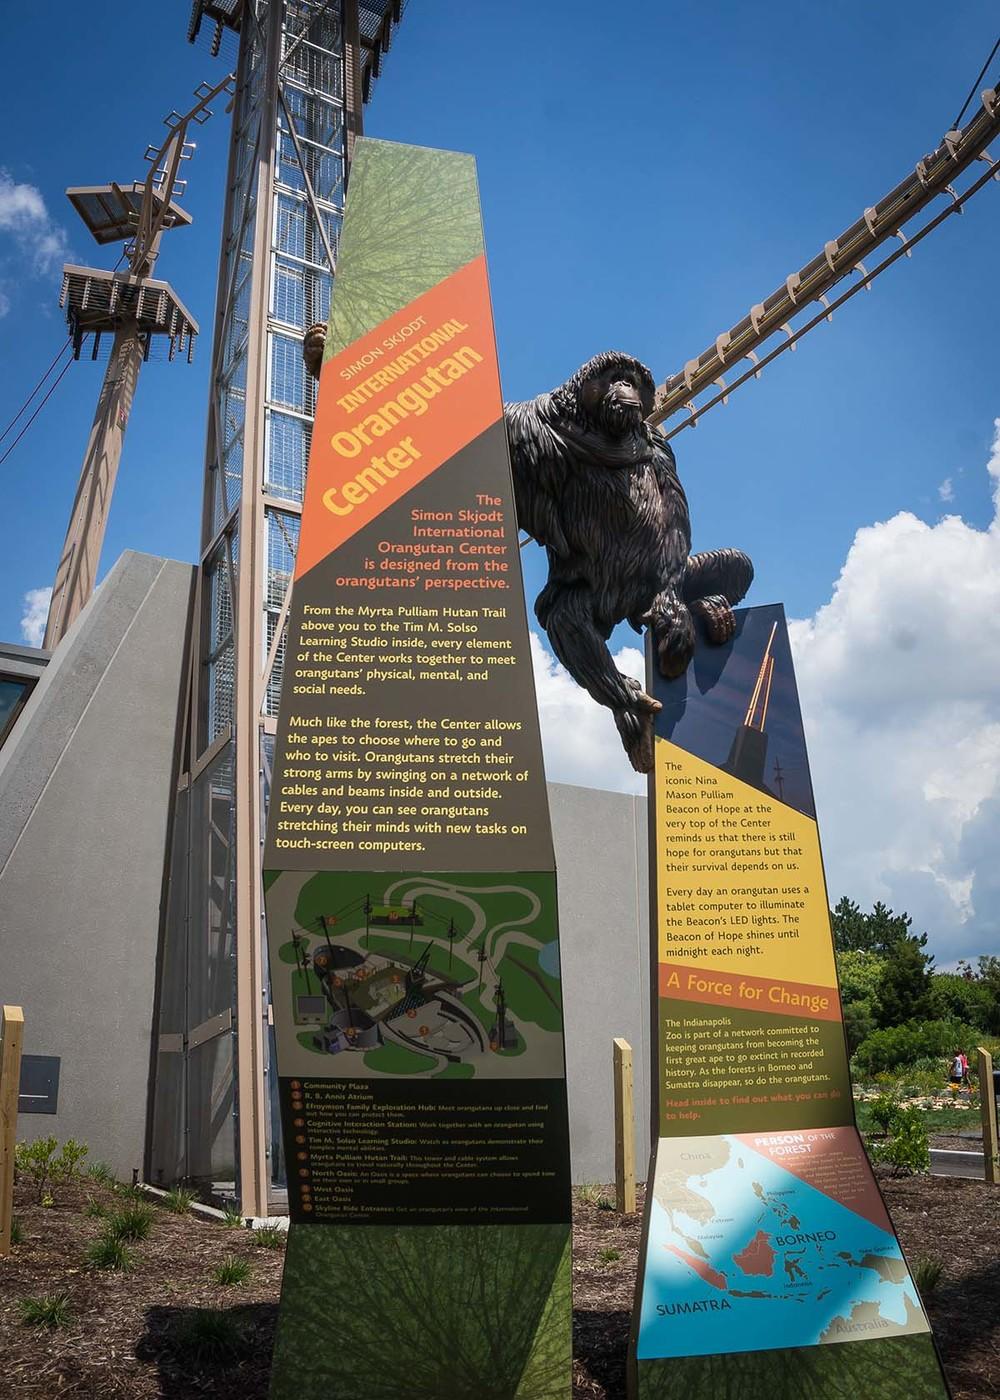 Simon Skjodt Orangutan Ctr-03436.jpg